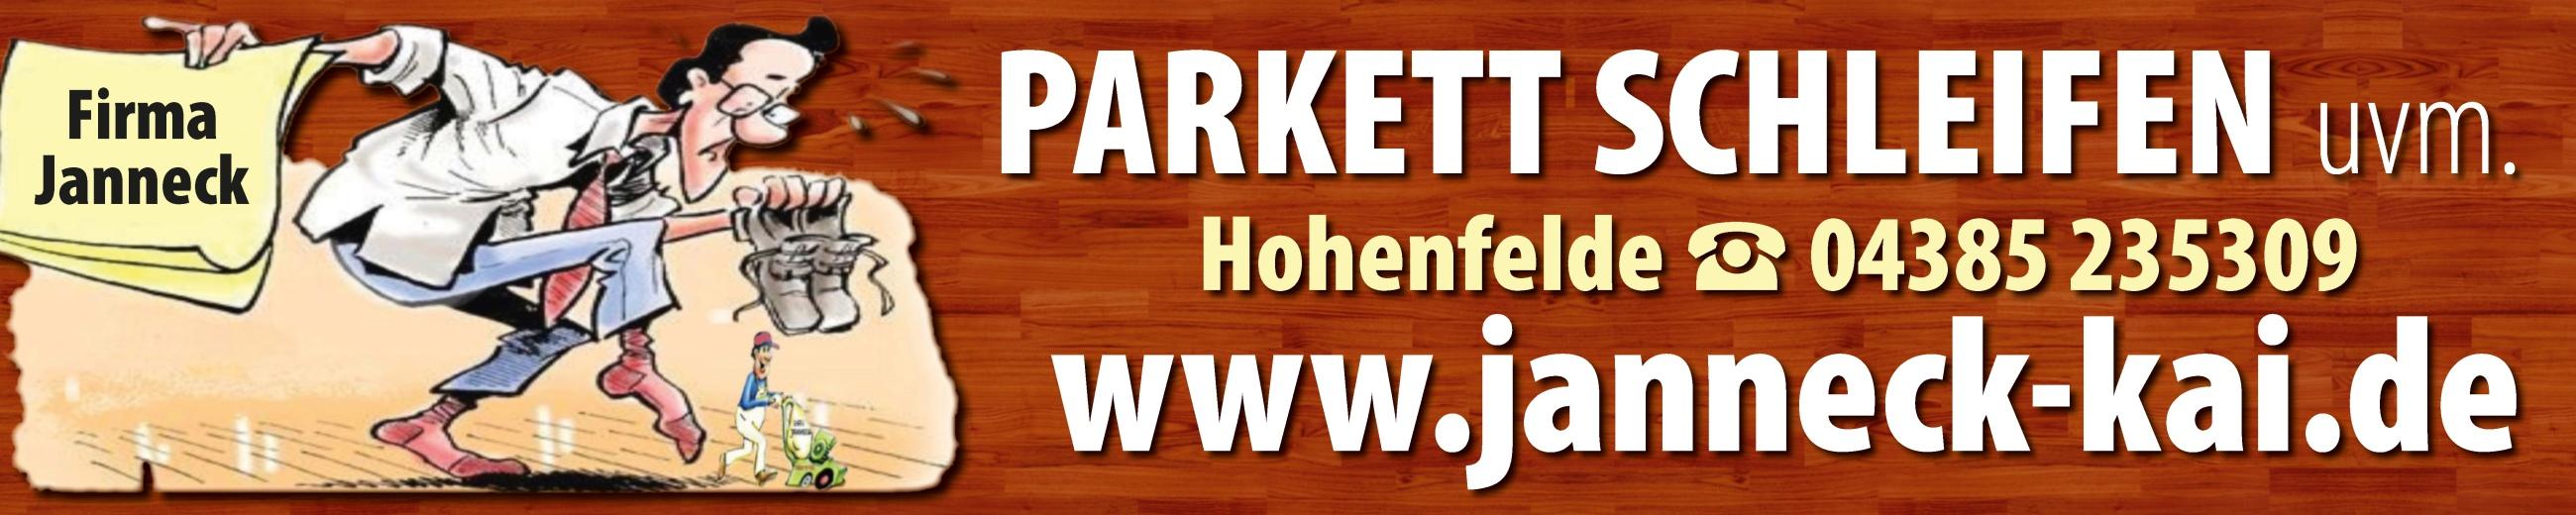 parkett dielen schleifen firma janneck home. Black Bedroom Furniture Sets. Home Design Ideas